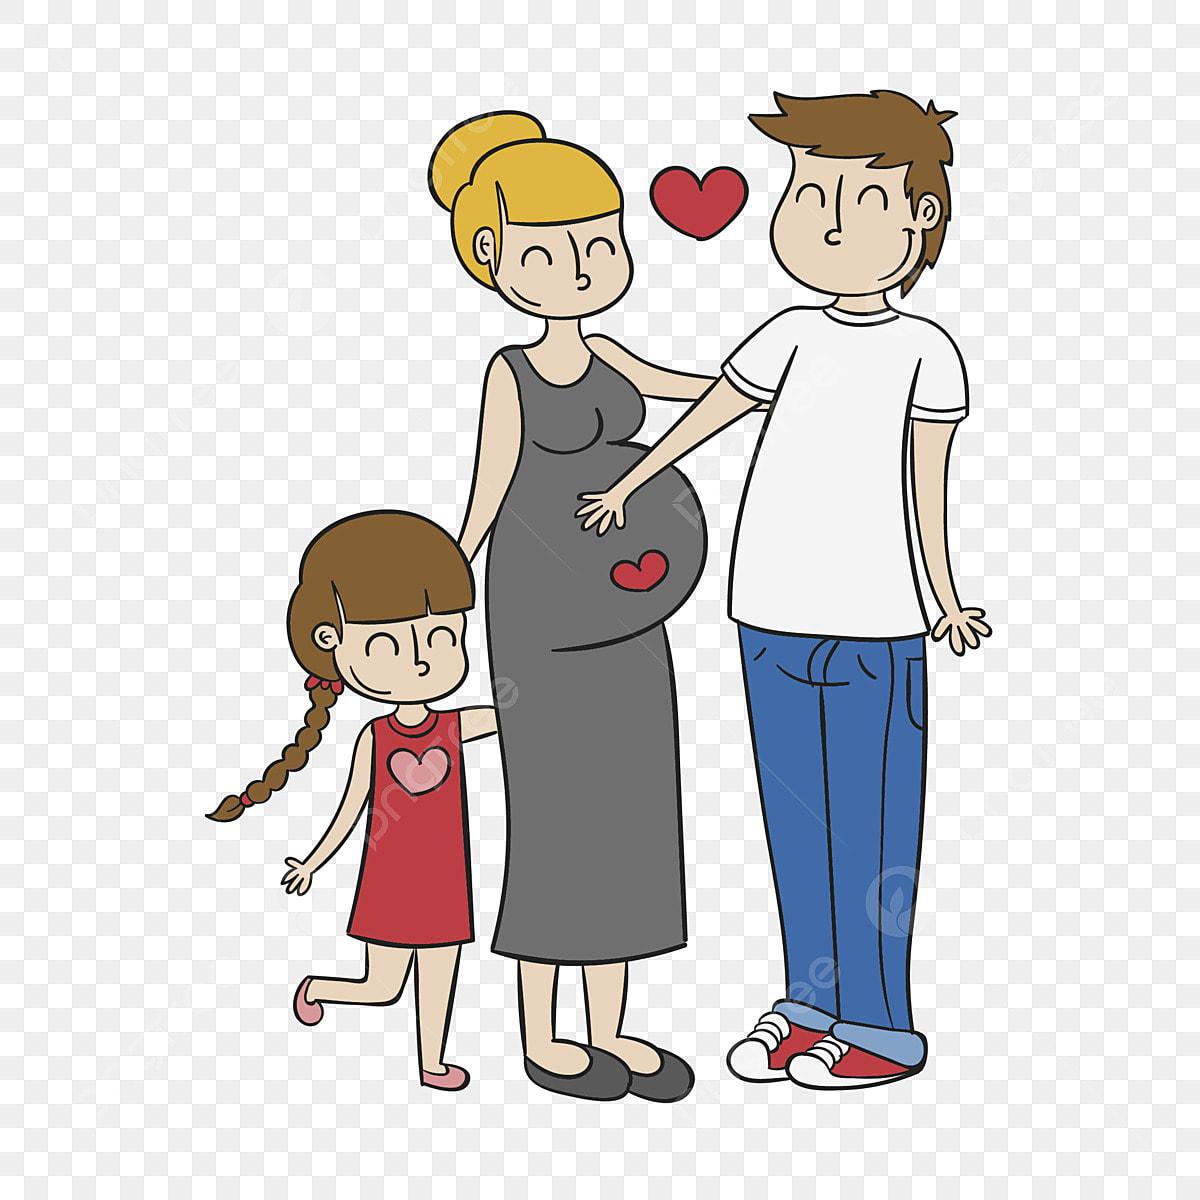 Gambar Kartun Ayah Kartun Kanak Ibu Keluarga Yang Saling Mencintai Keluarga Kartun Comel Png Dan Vektor Untuk Muat Turun Percuma